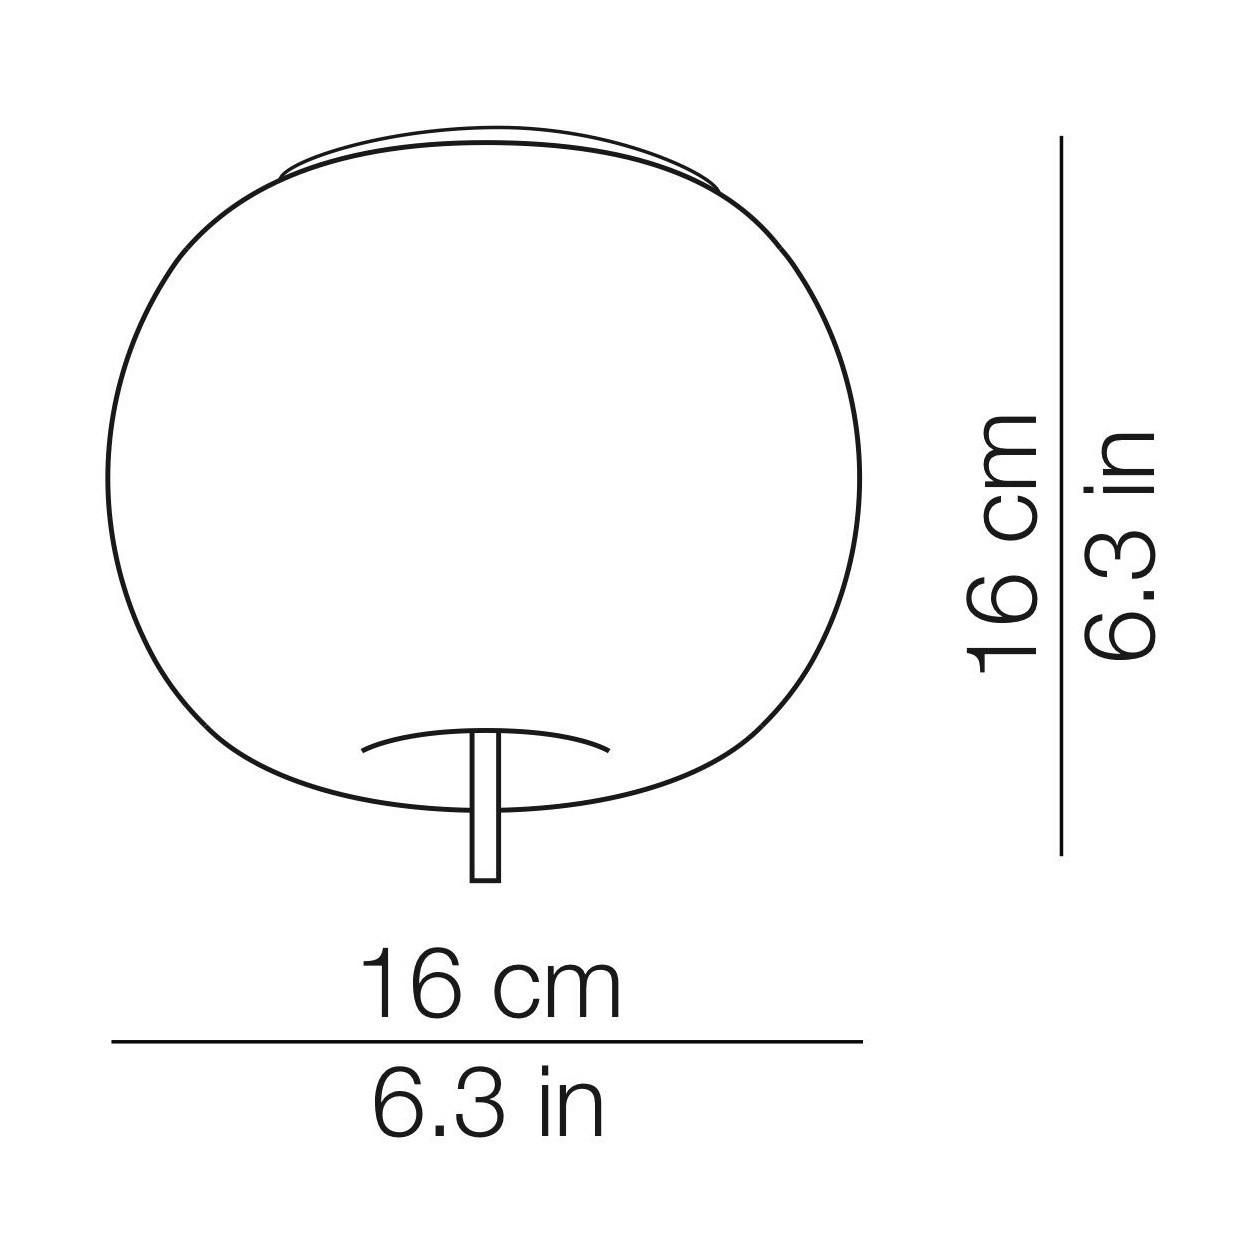 2700k Noir 16cm KundaliniKushi 16 ø Blanc Plafonnier 16cm Opaque Led 600lm  Detail Lu0027applique H F7vYgb6y